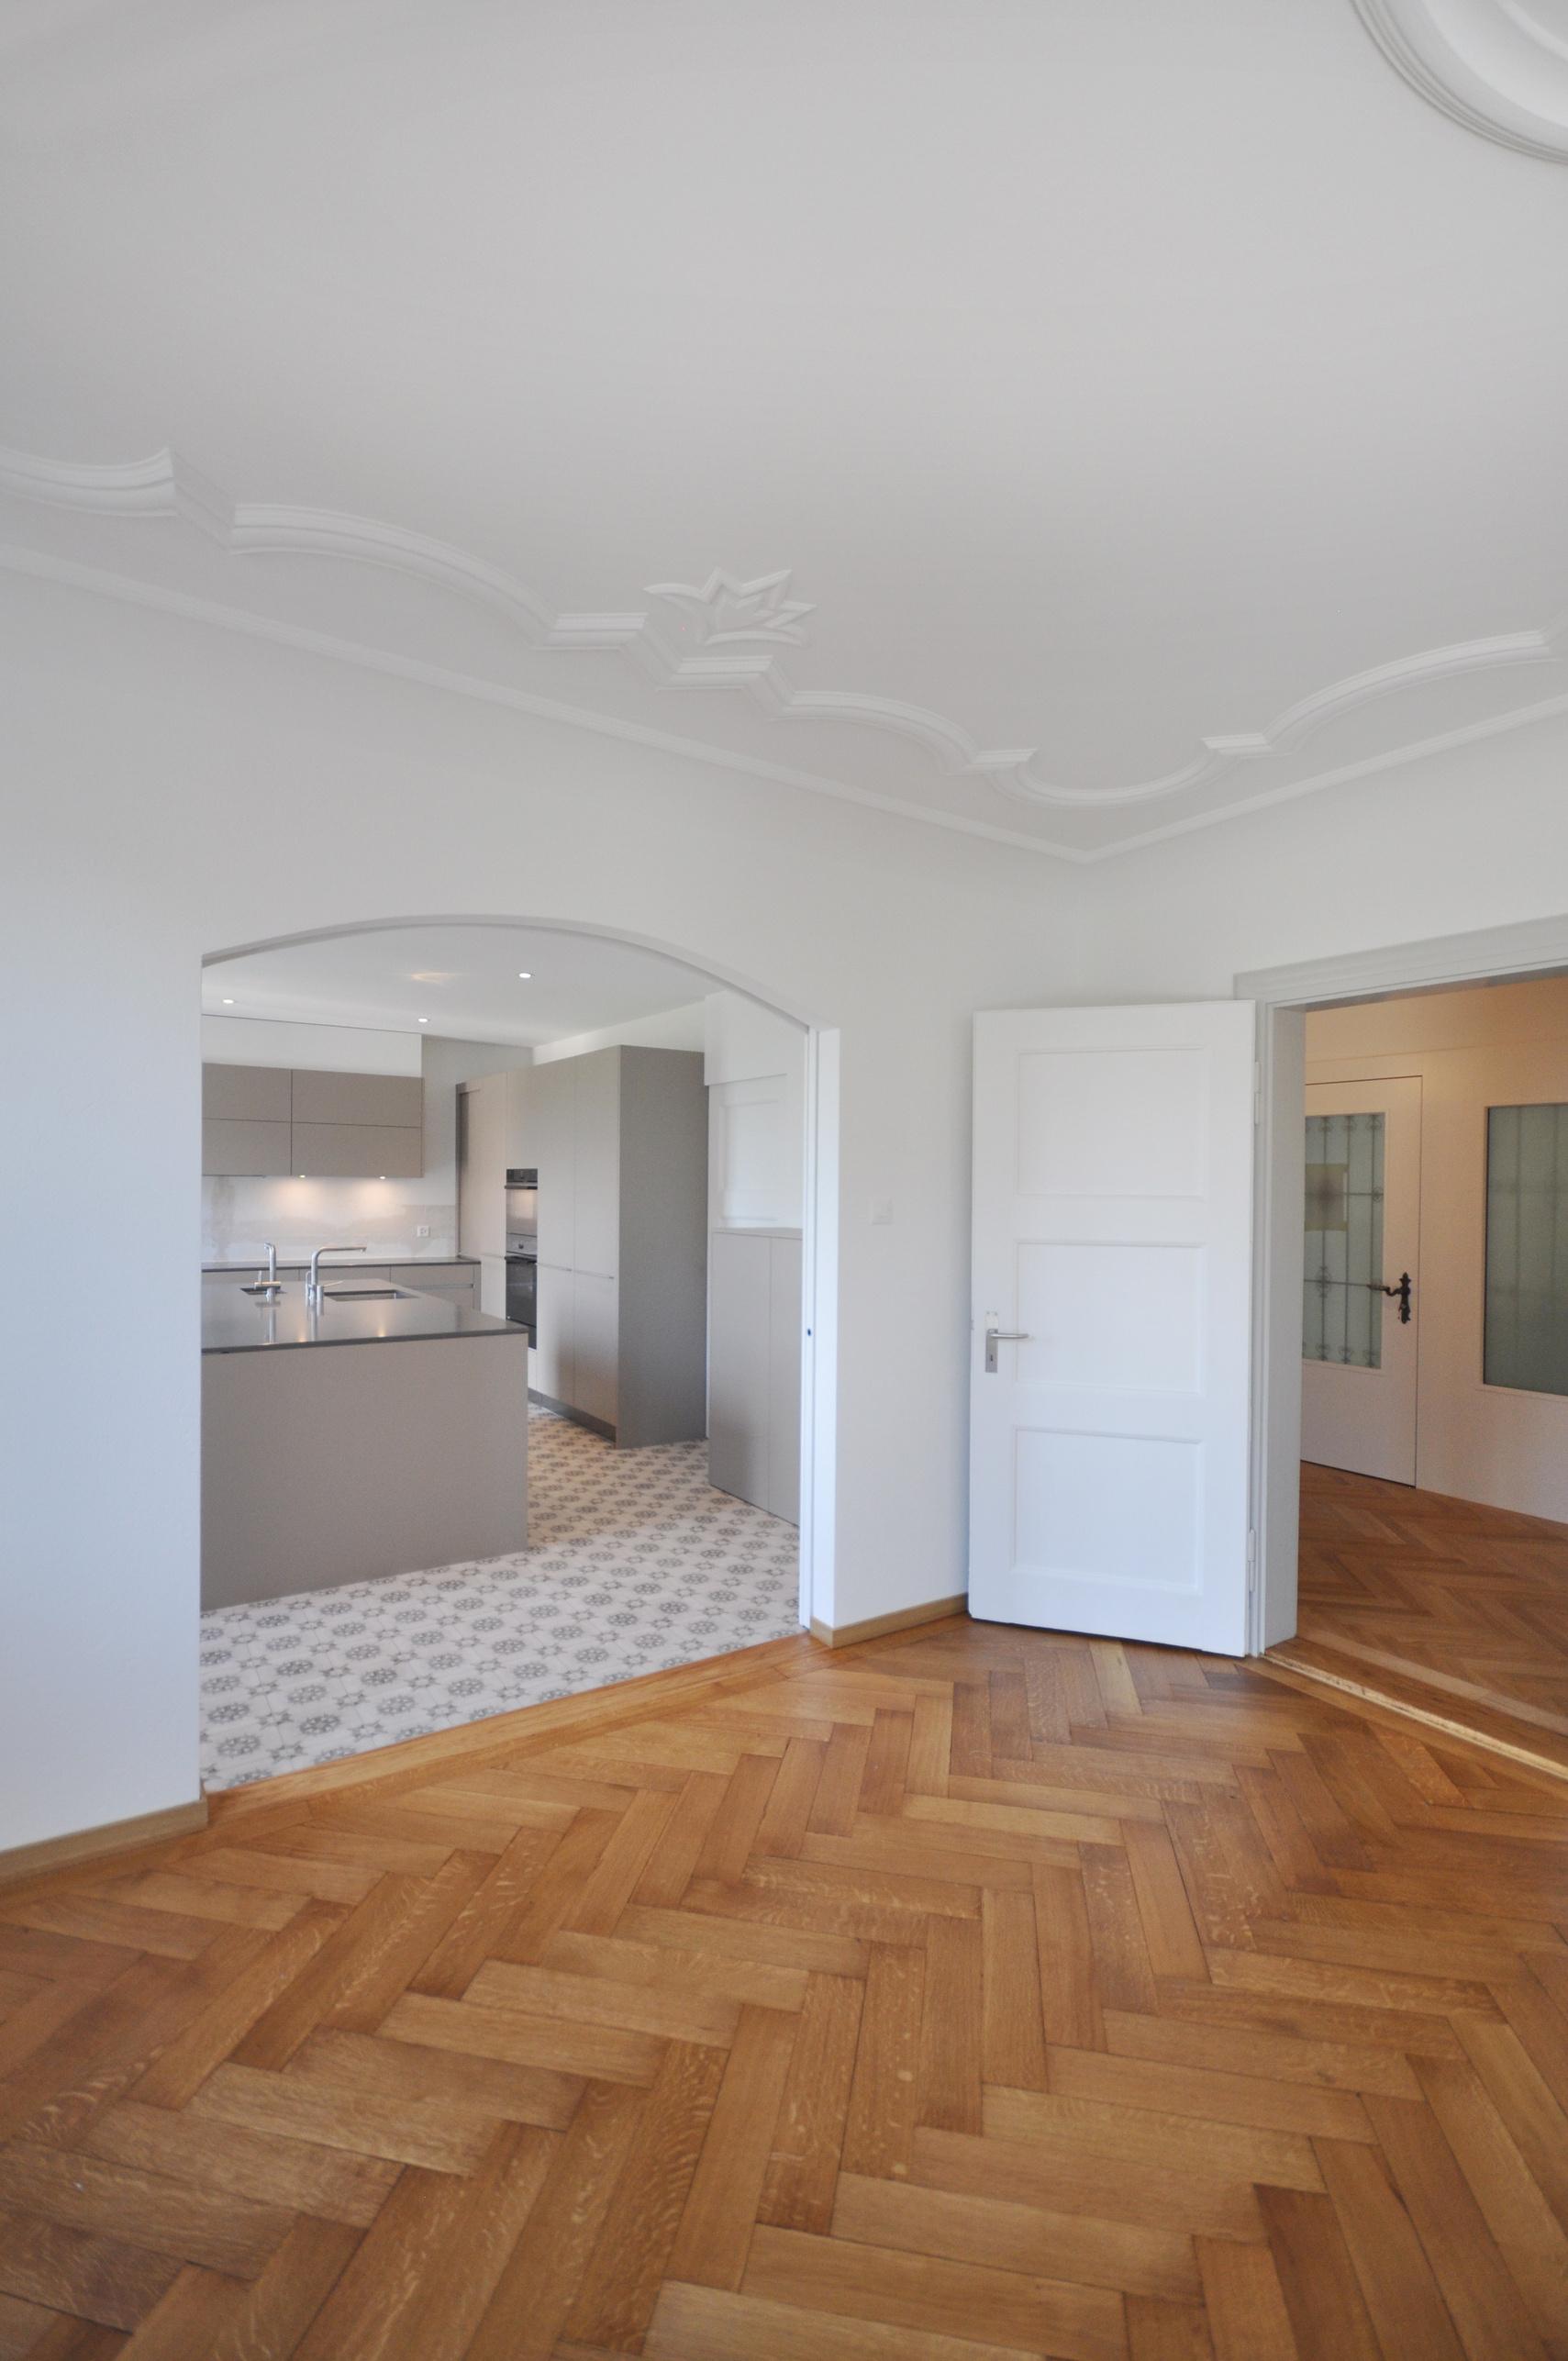 Schiebetür vom Wohnzimmer zur Küche